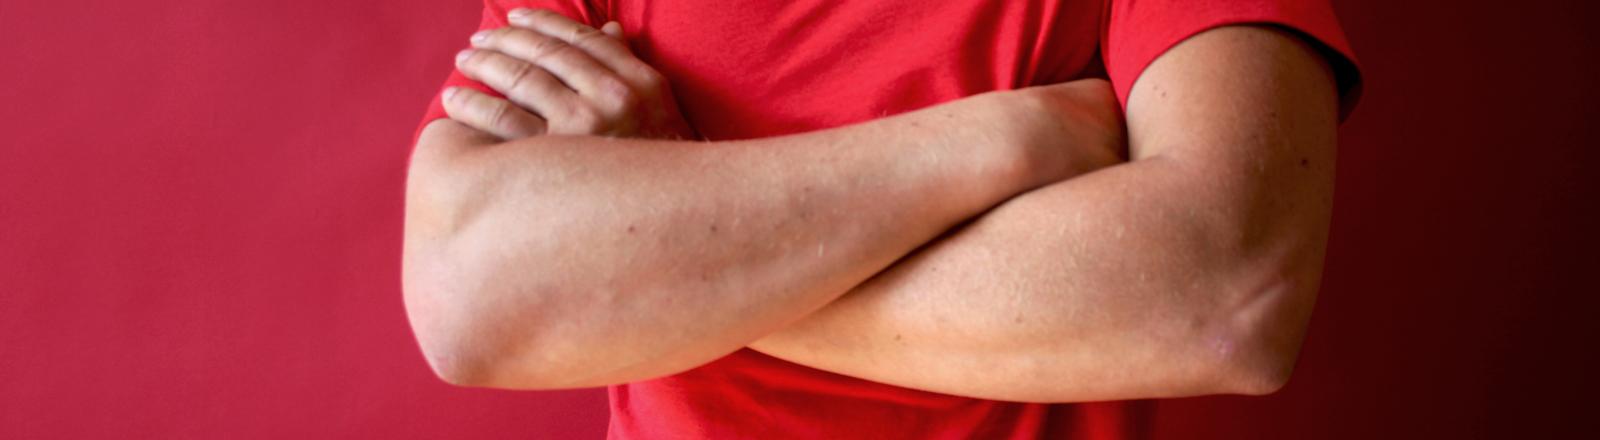 Ein Mann im roten T-Shirt hat die Arme vor der Brust verschränkt